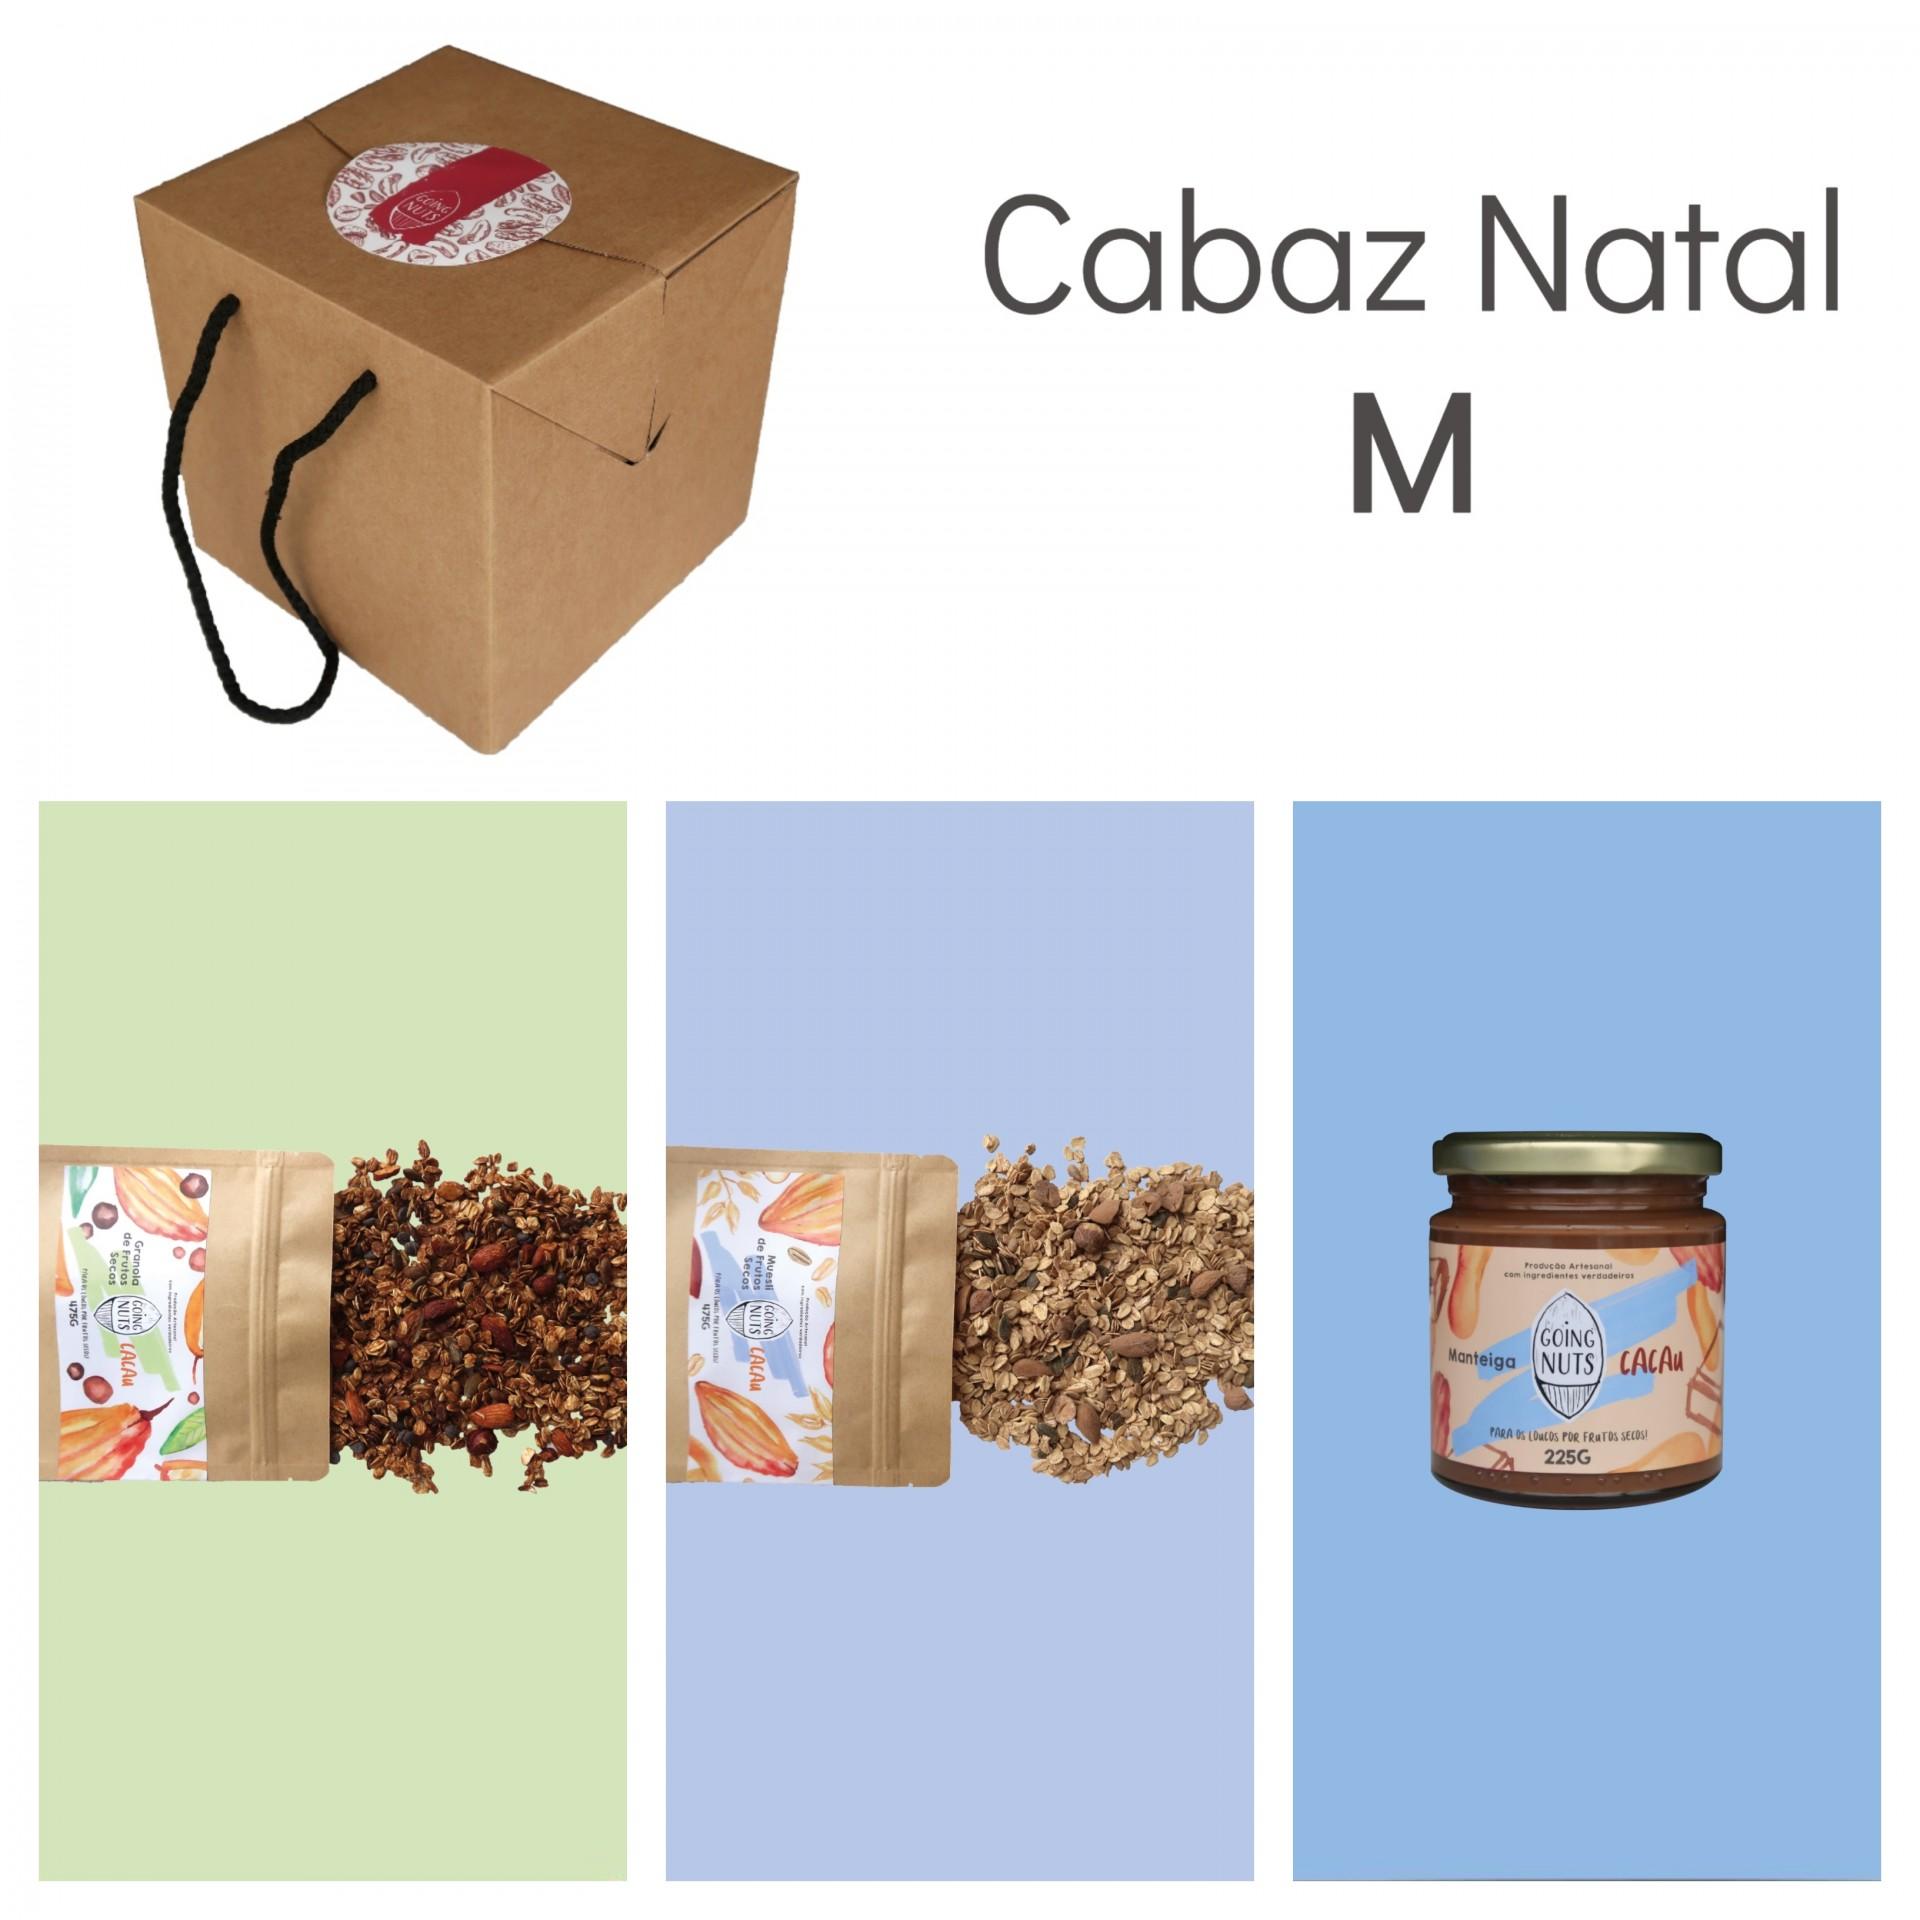 Cabaz M